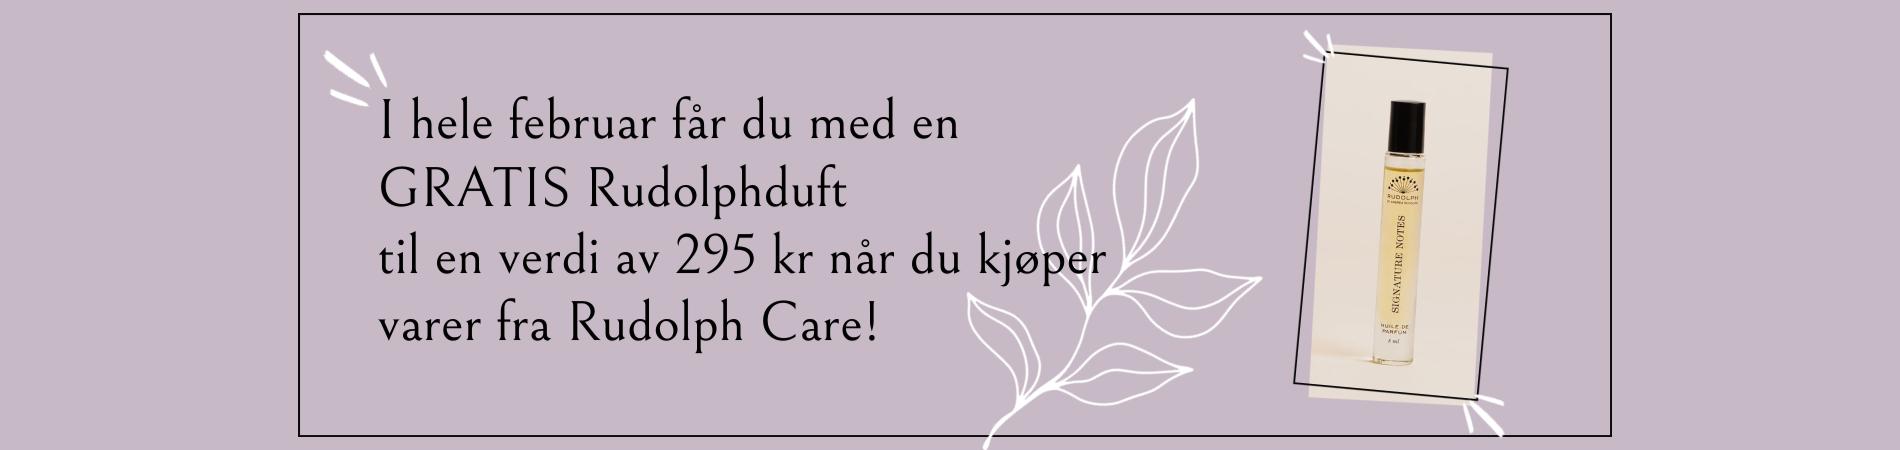 rudolph care tilbud